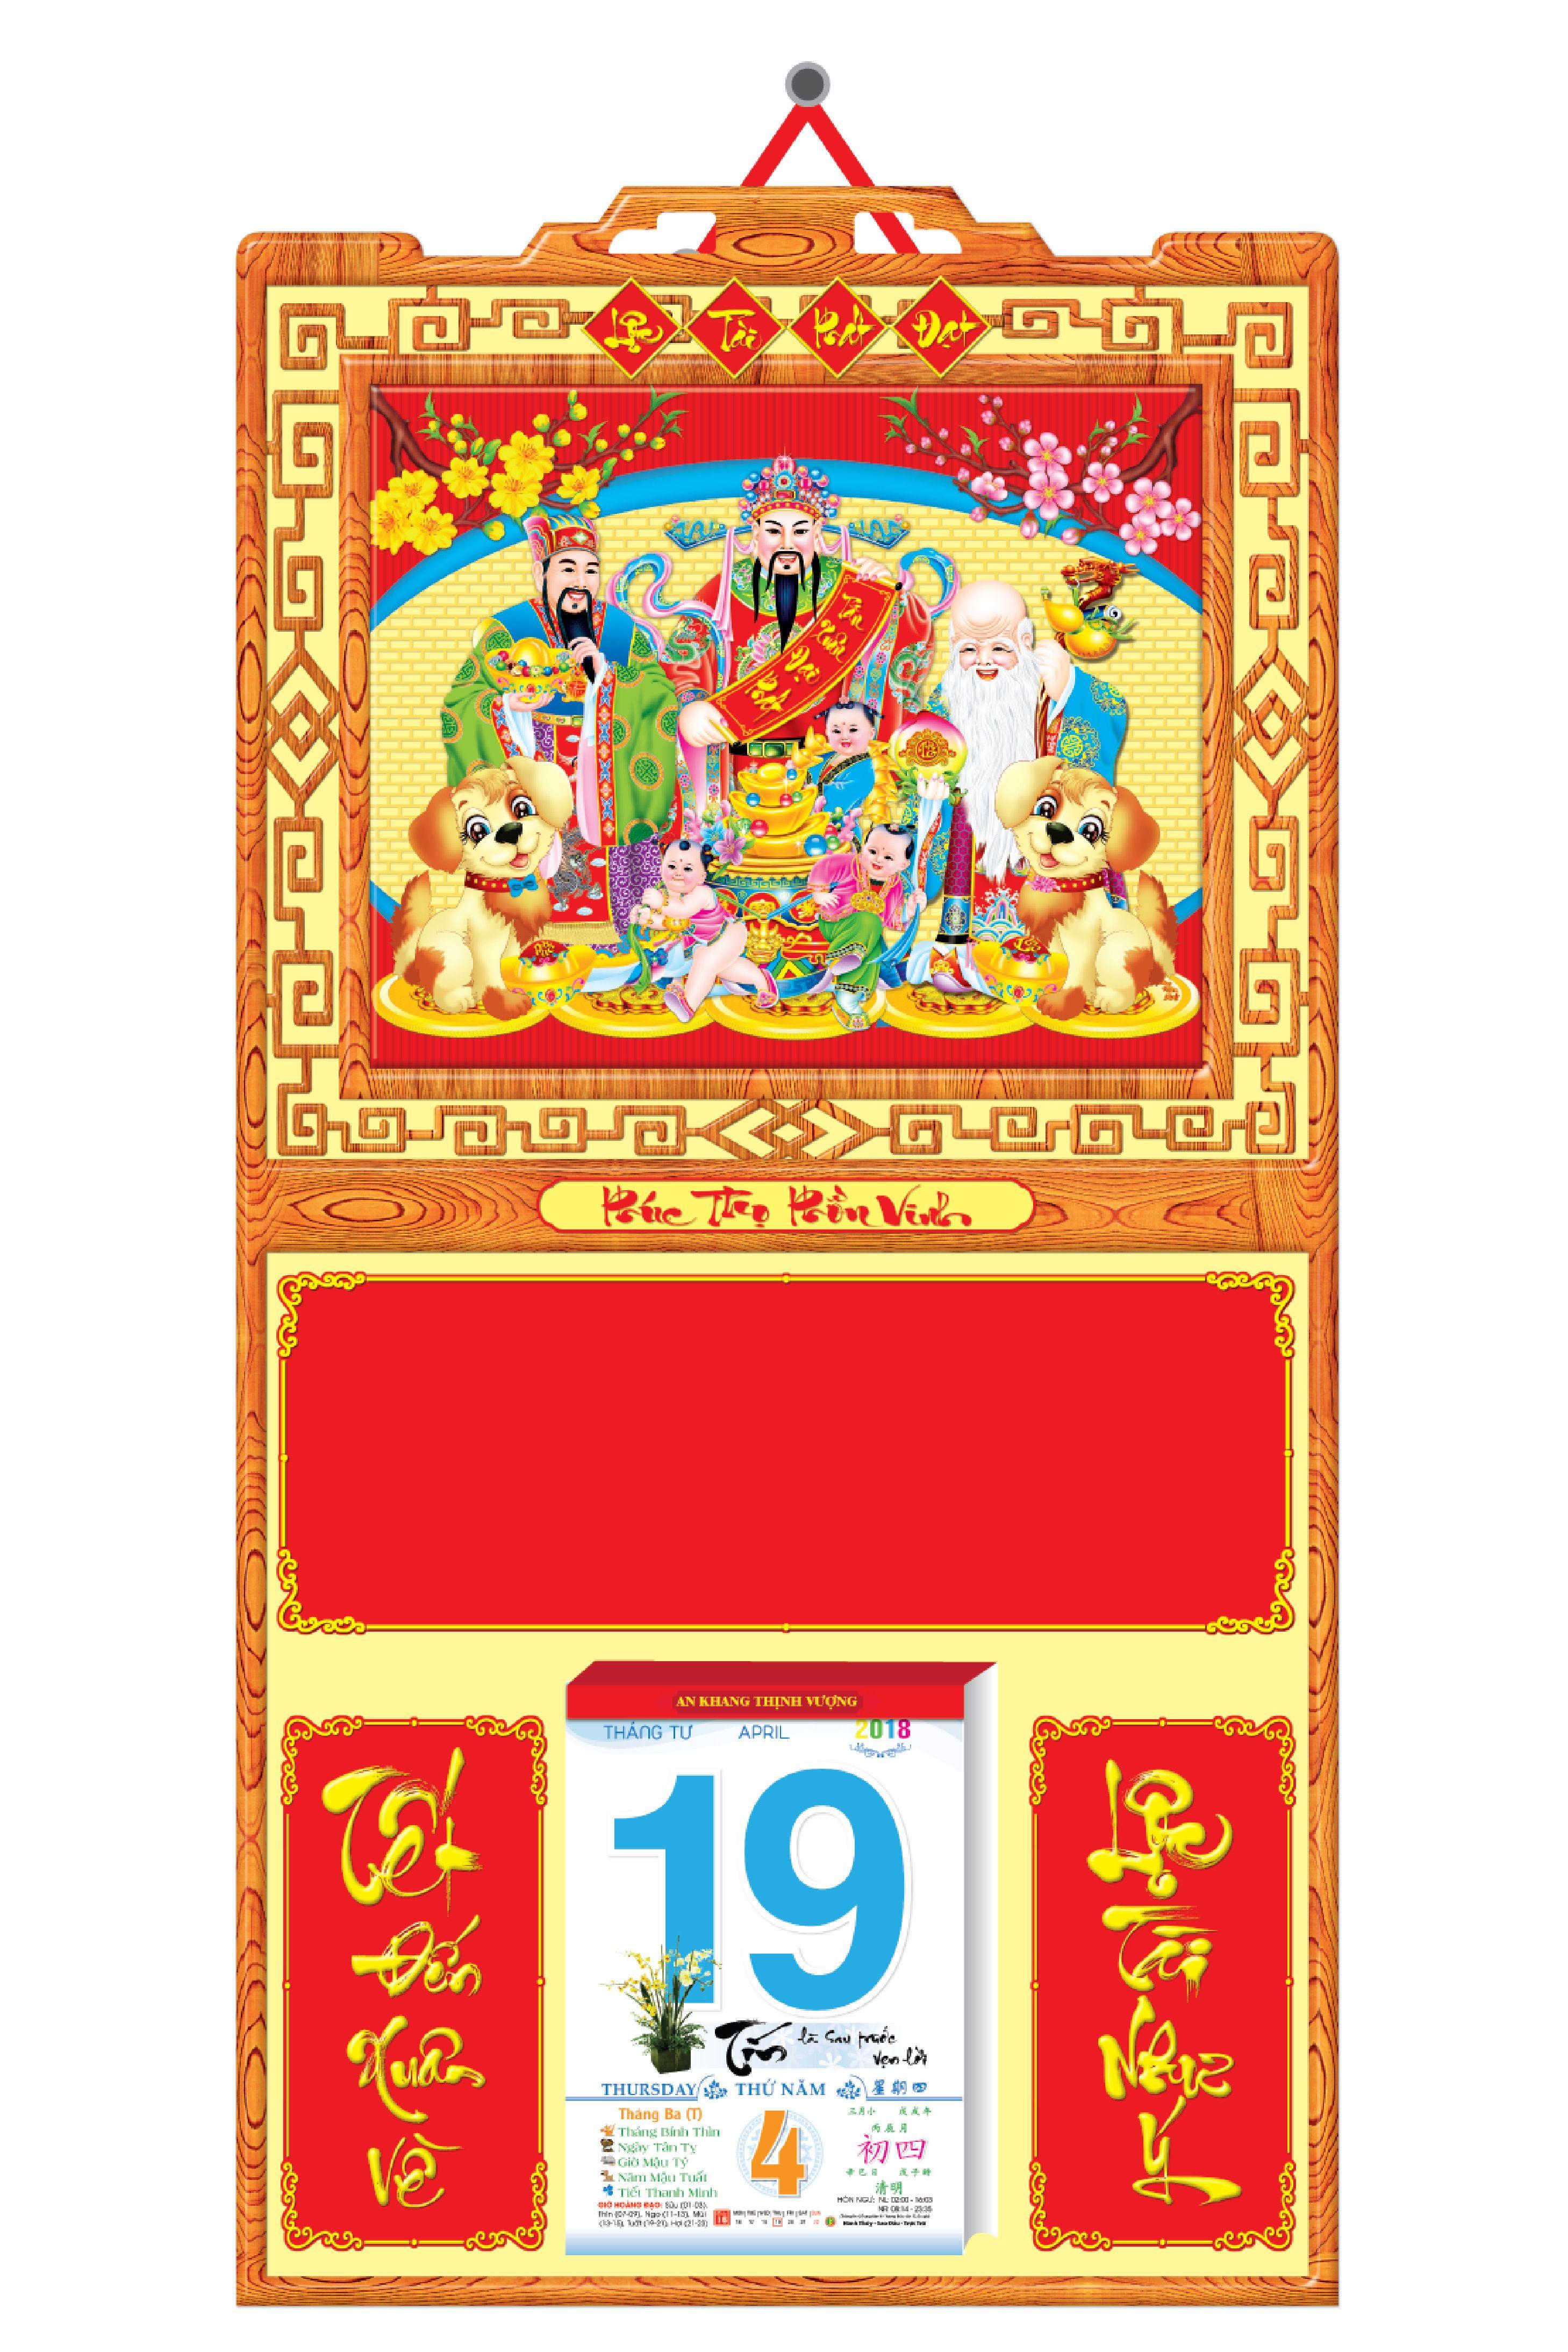 KV207 - Bìa Lịch 2018 Gấp Giữa Bế Nổi (37 x 68cm) - Phúc Lộc Thọ